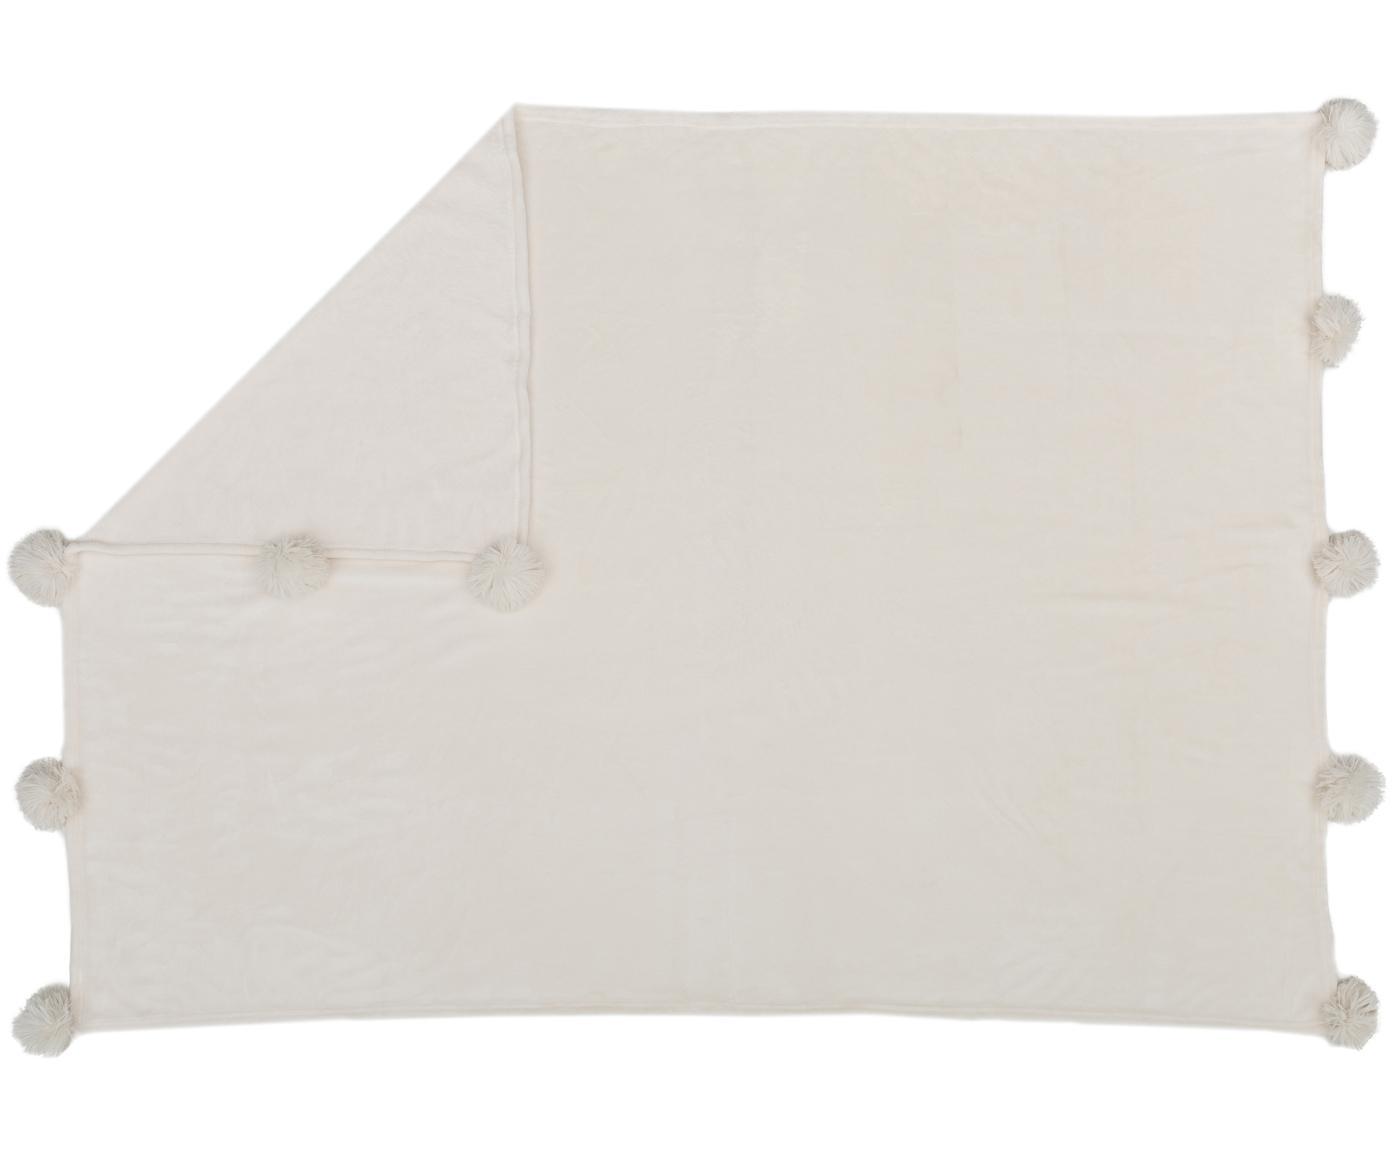 Pled z polaru Bomla, Poliester, Kremowy, S 130 x D 170 cm